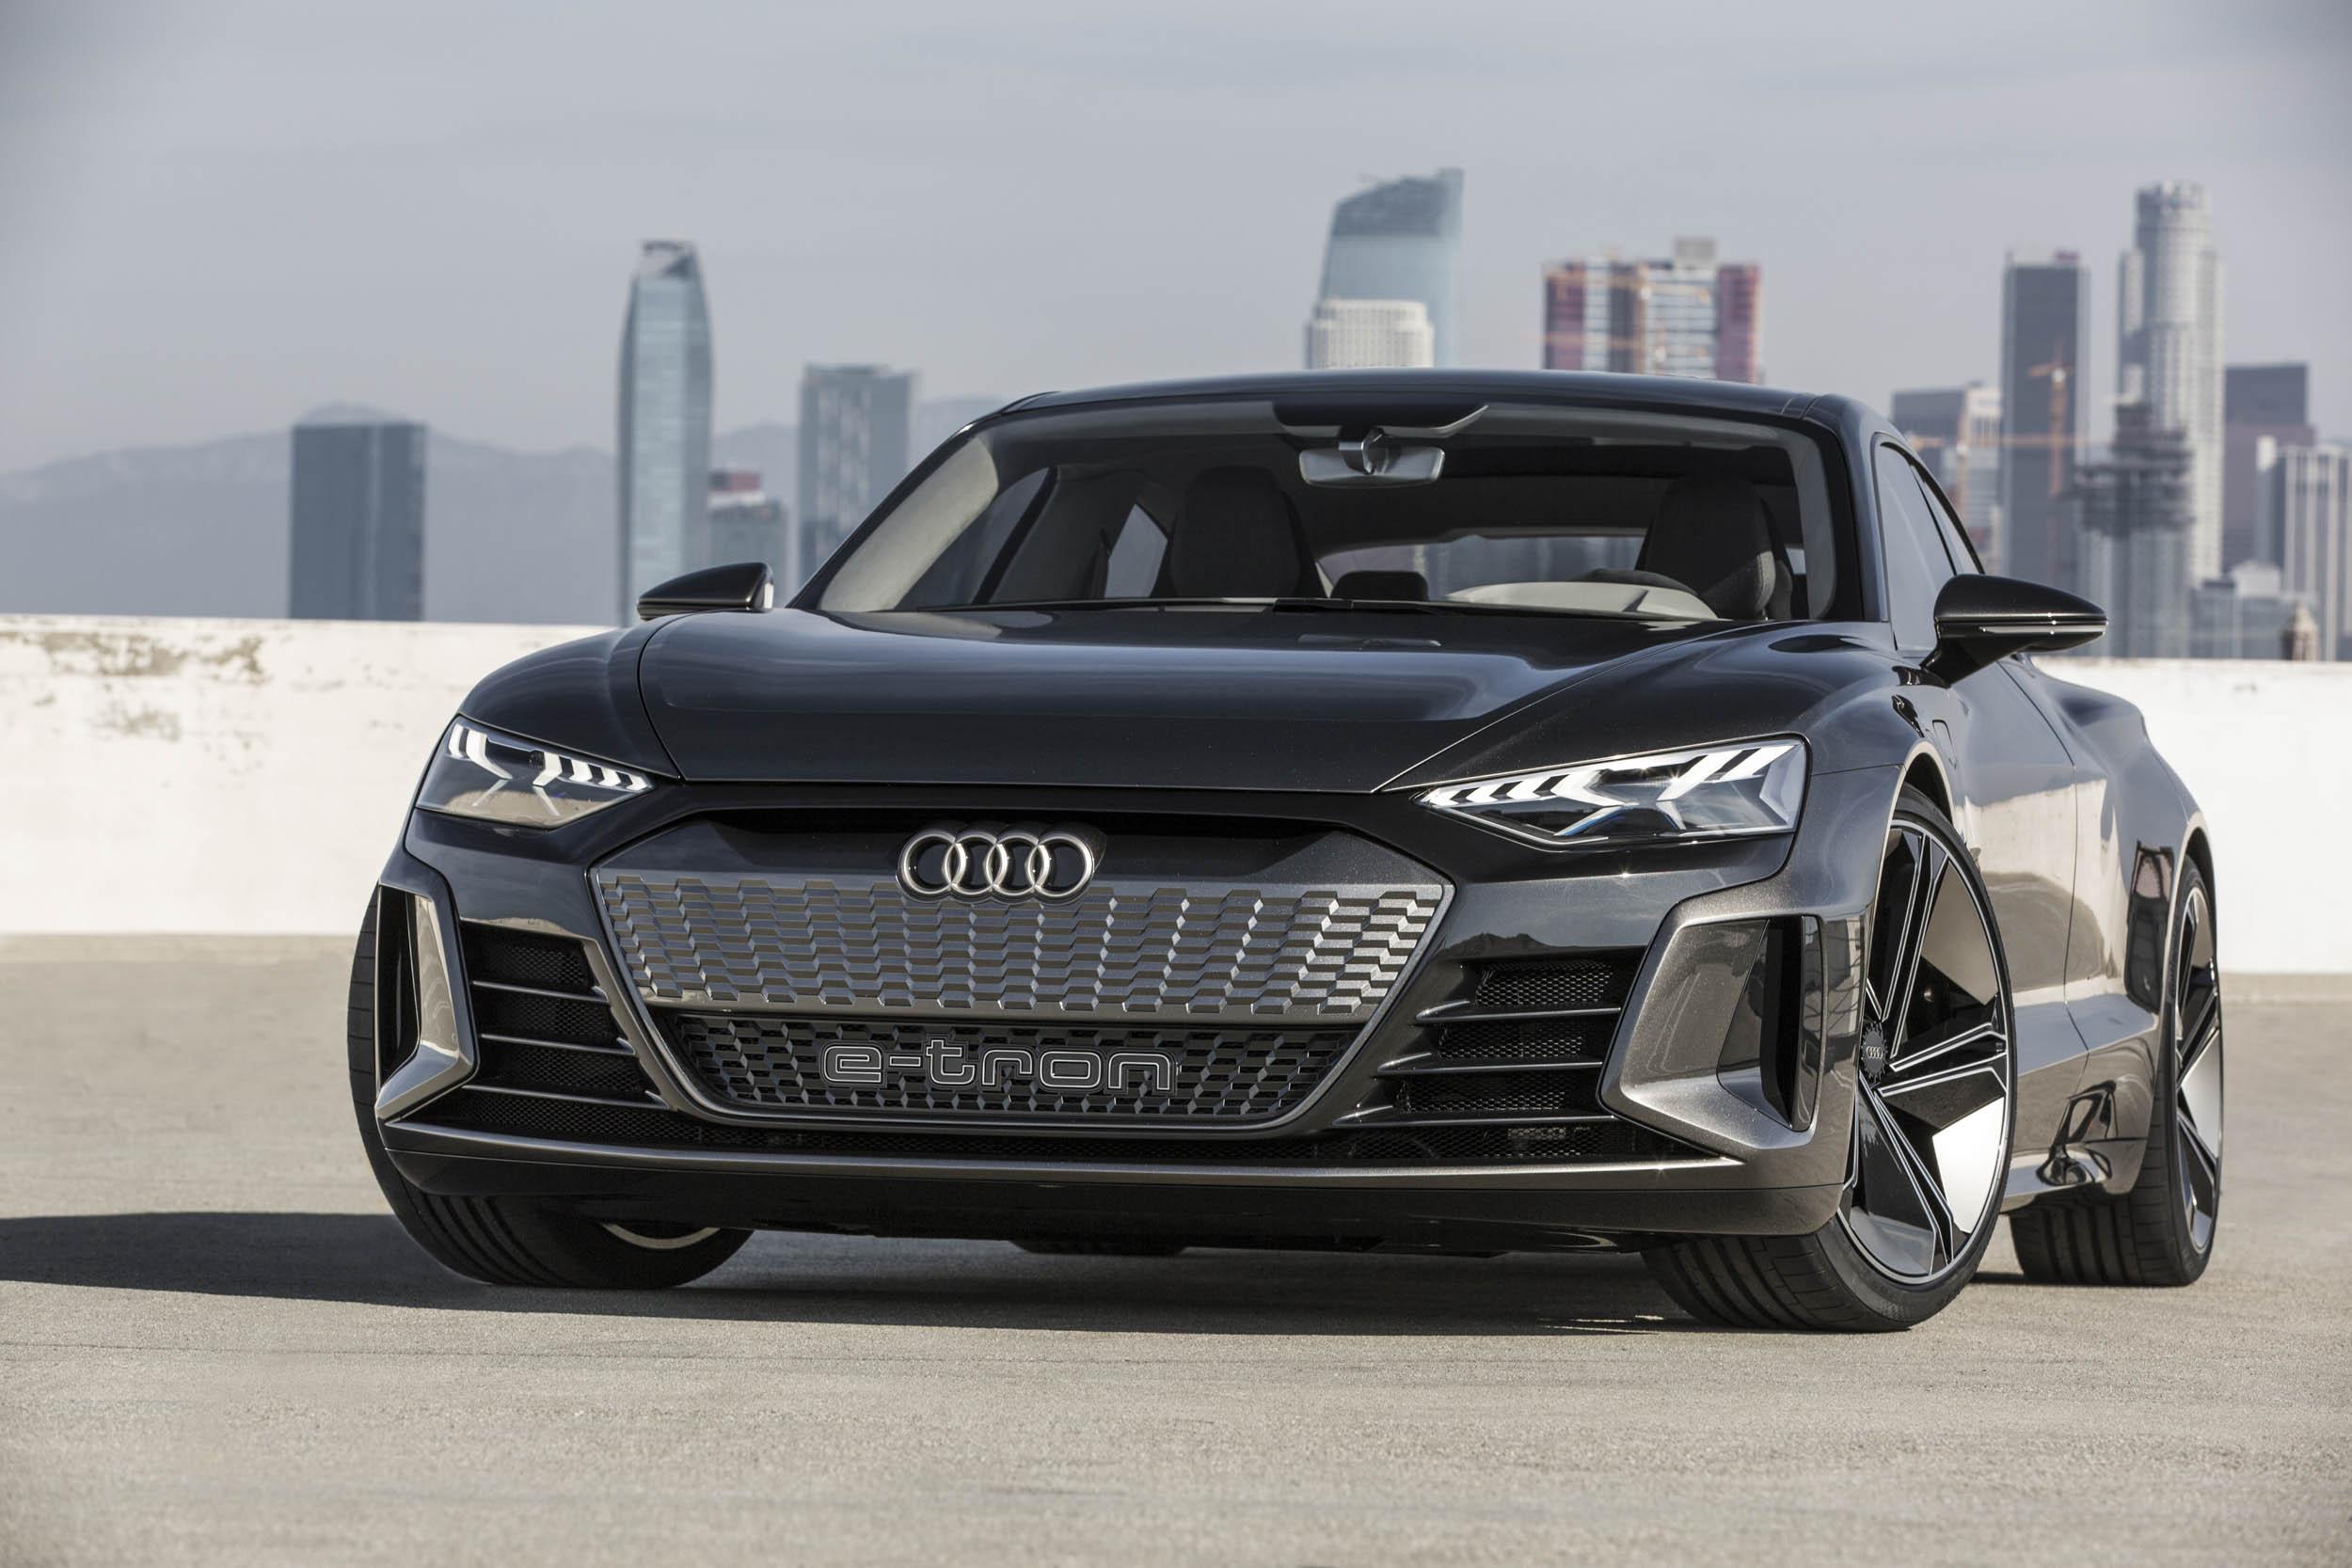 Audi e-tron GT front 3/4